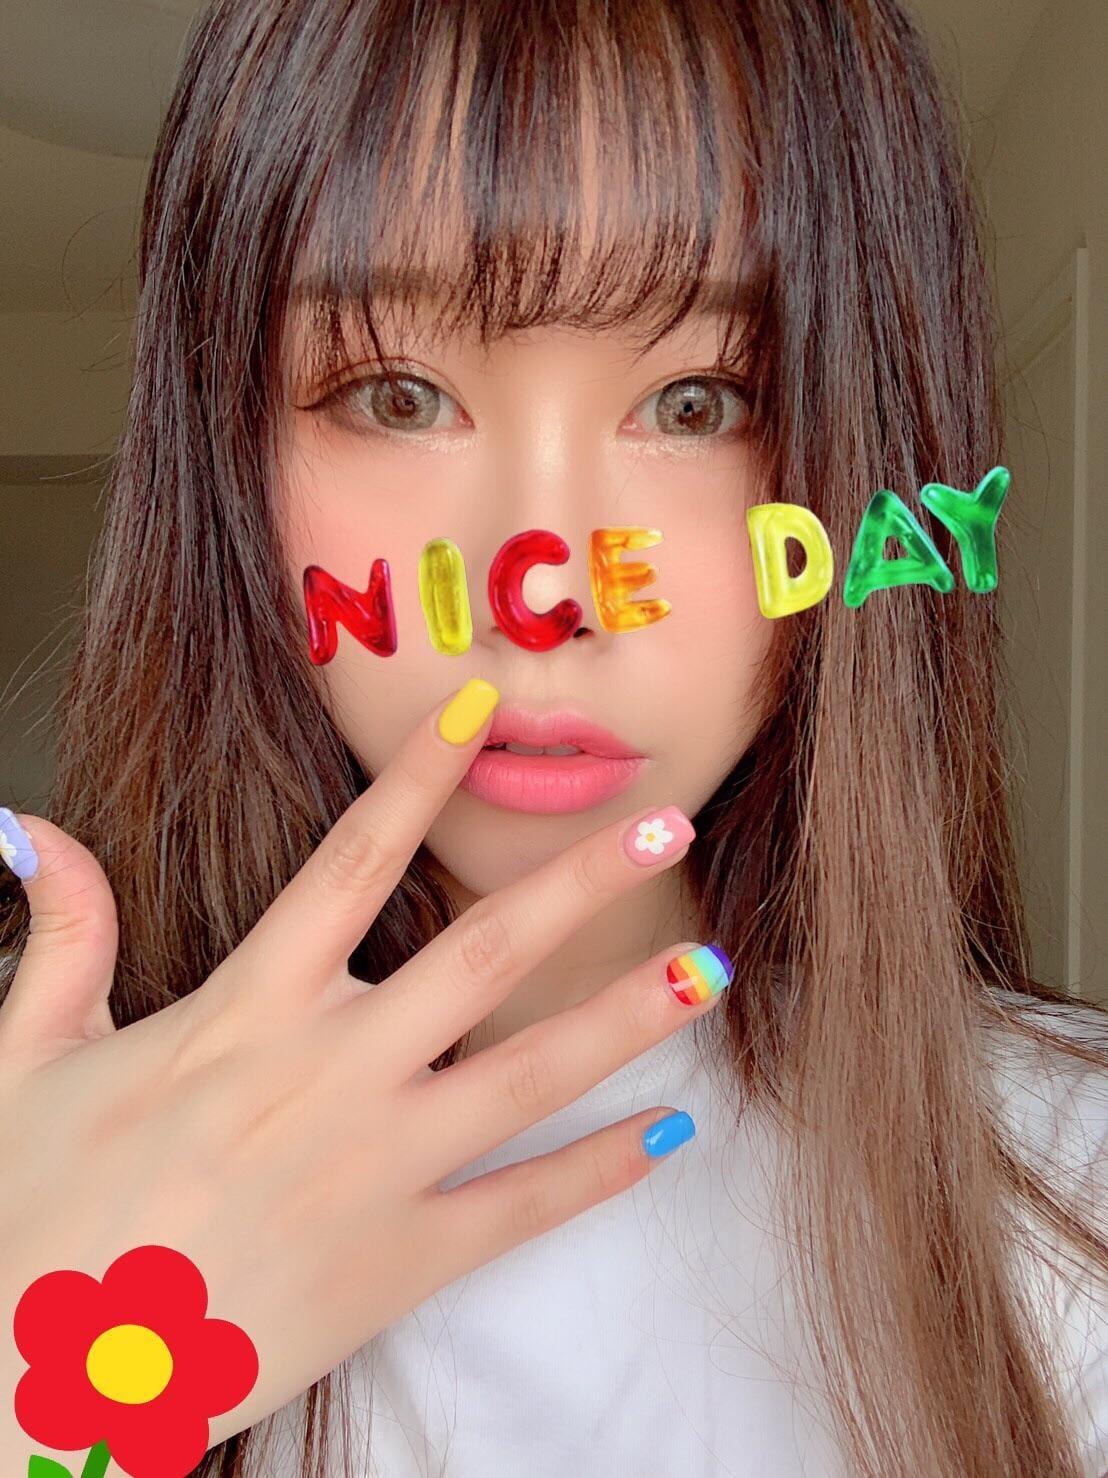 「こんにちは」05/16(木) 12:17   かほの写メ・風俗動画